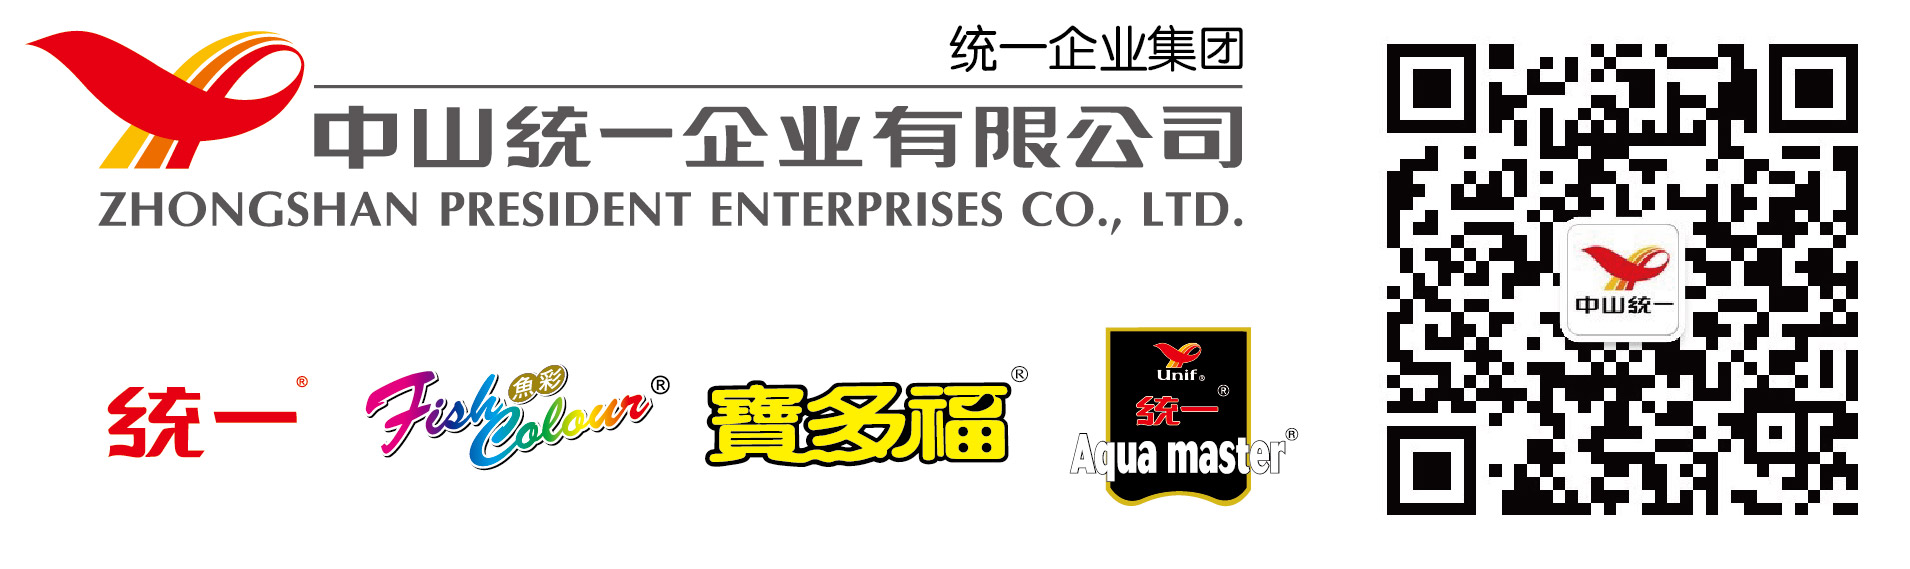 中山统一企业有限公司